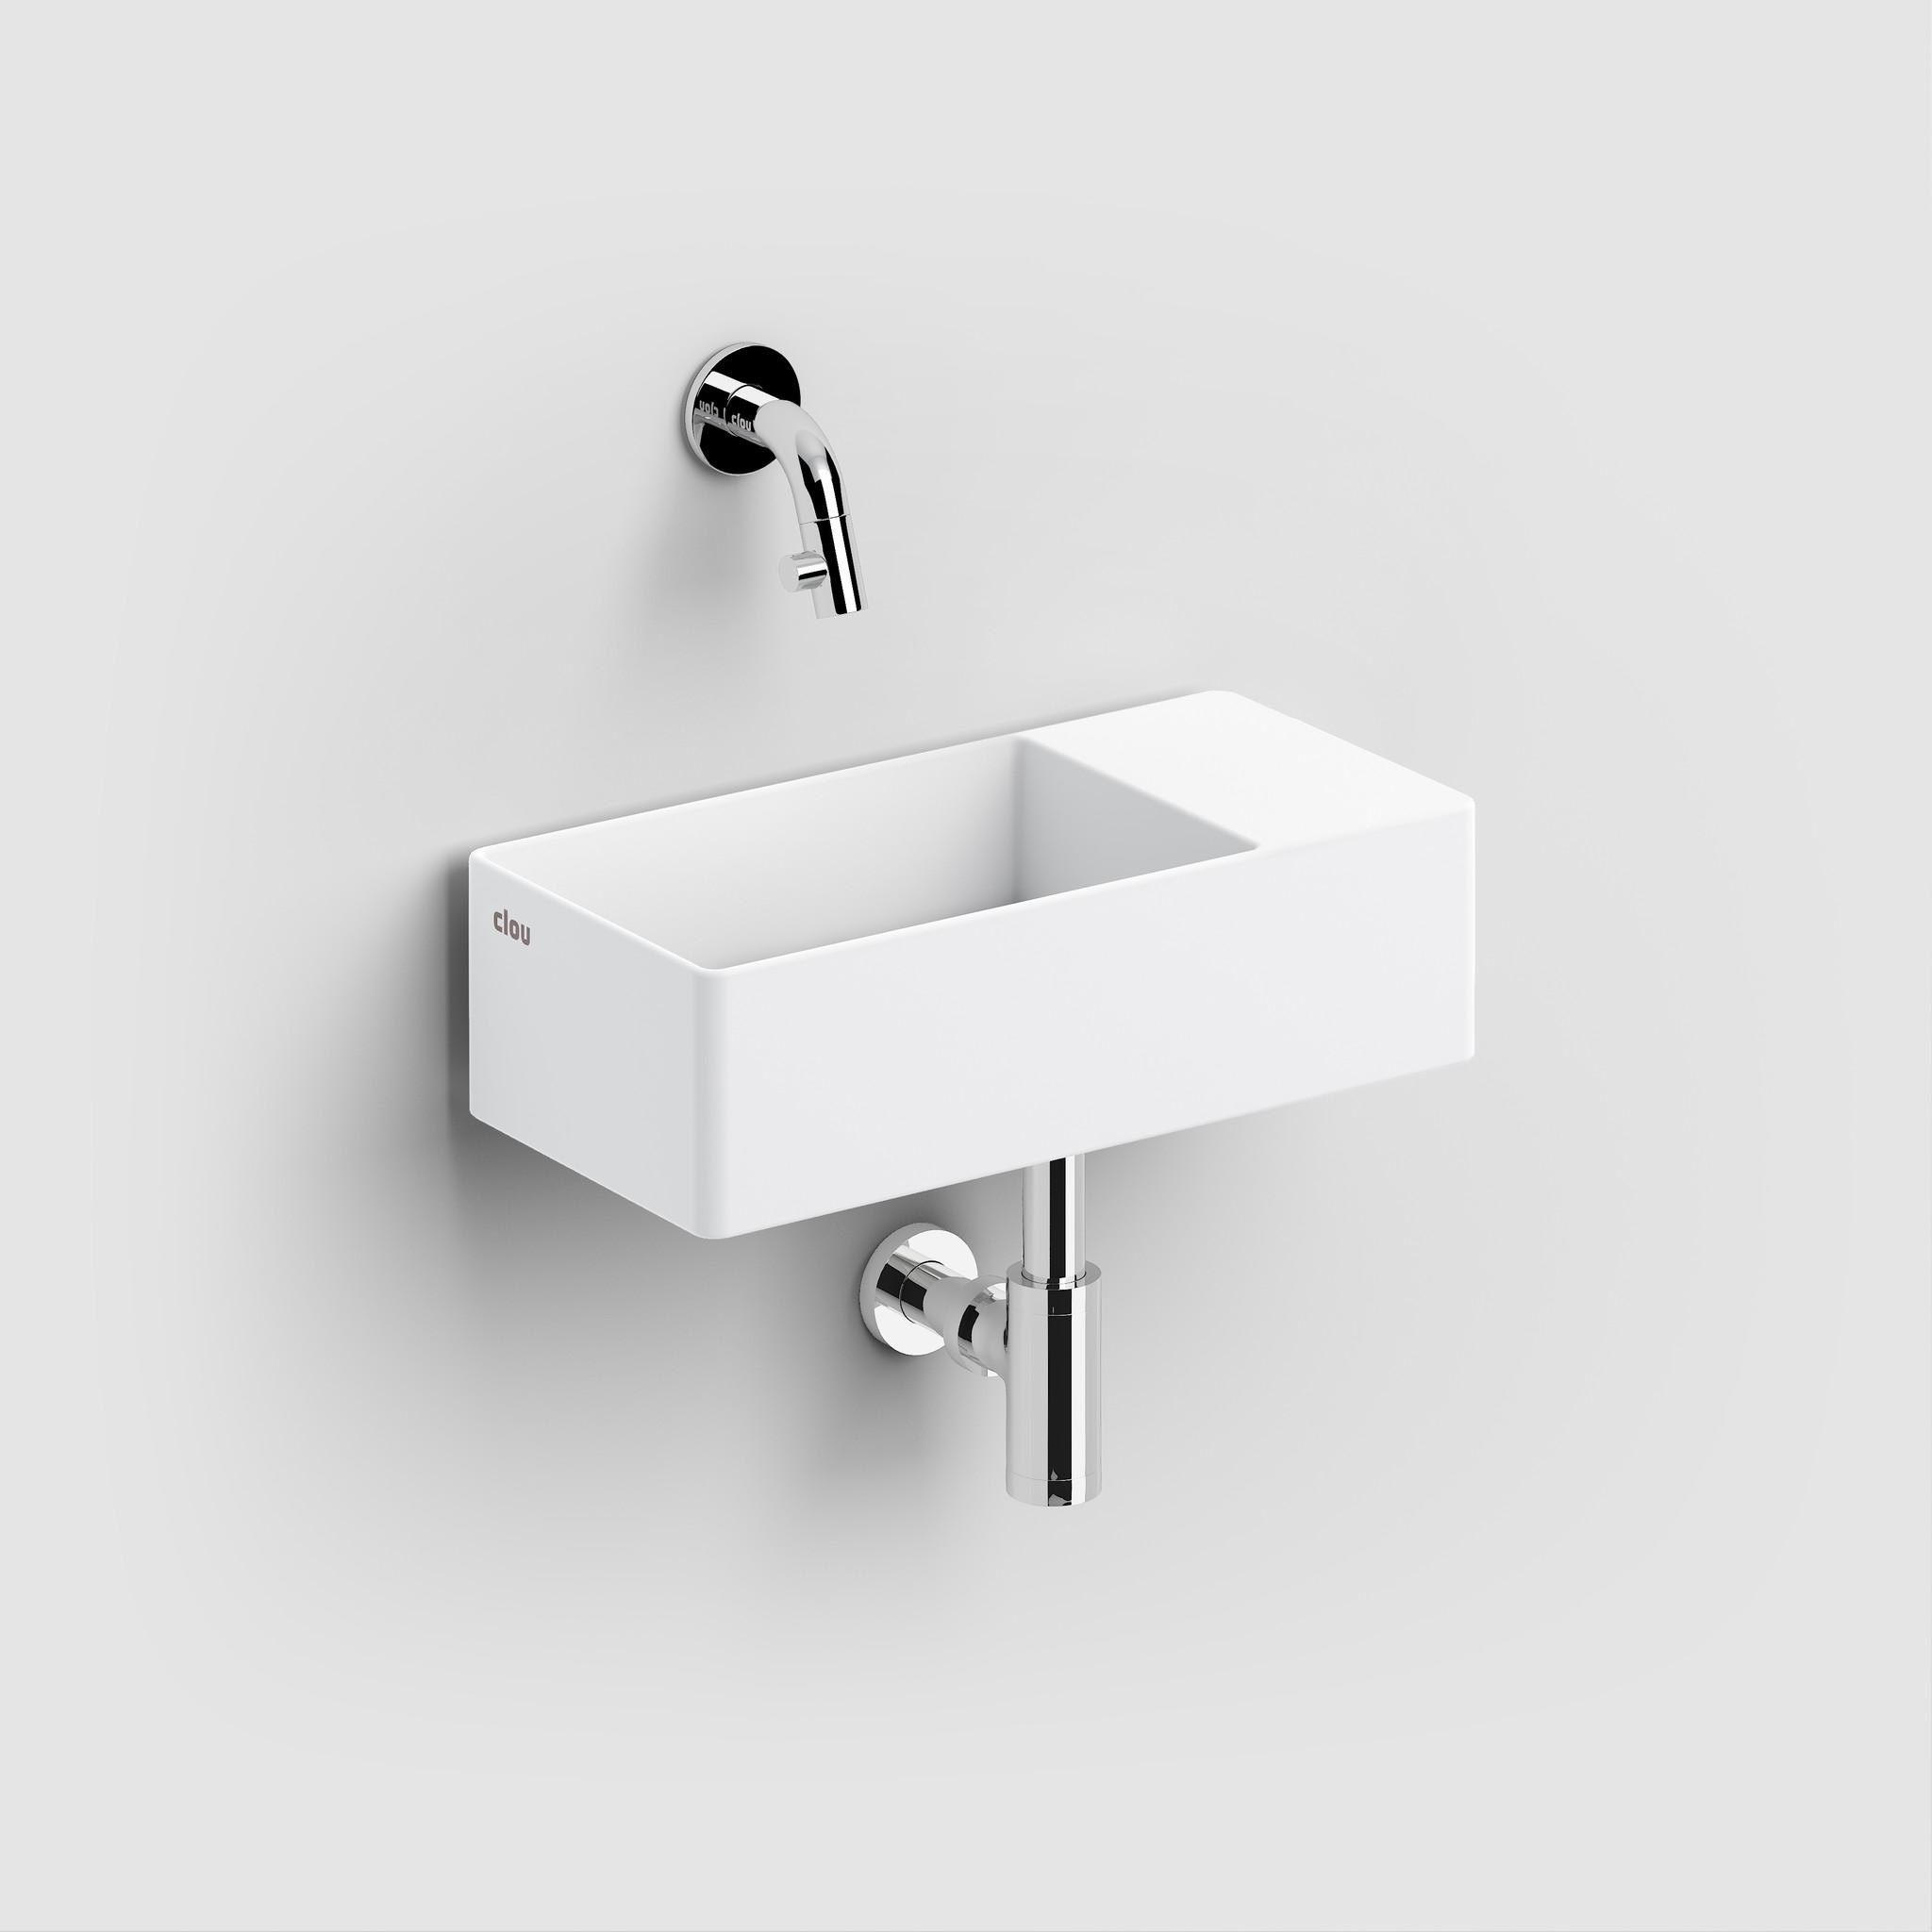 New Flush 3 lave-mains avec tablette couvre-bonde